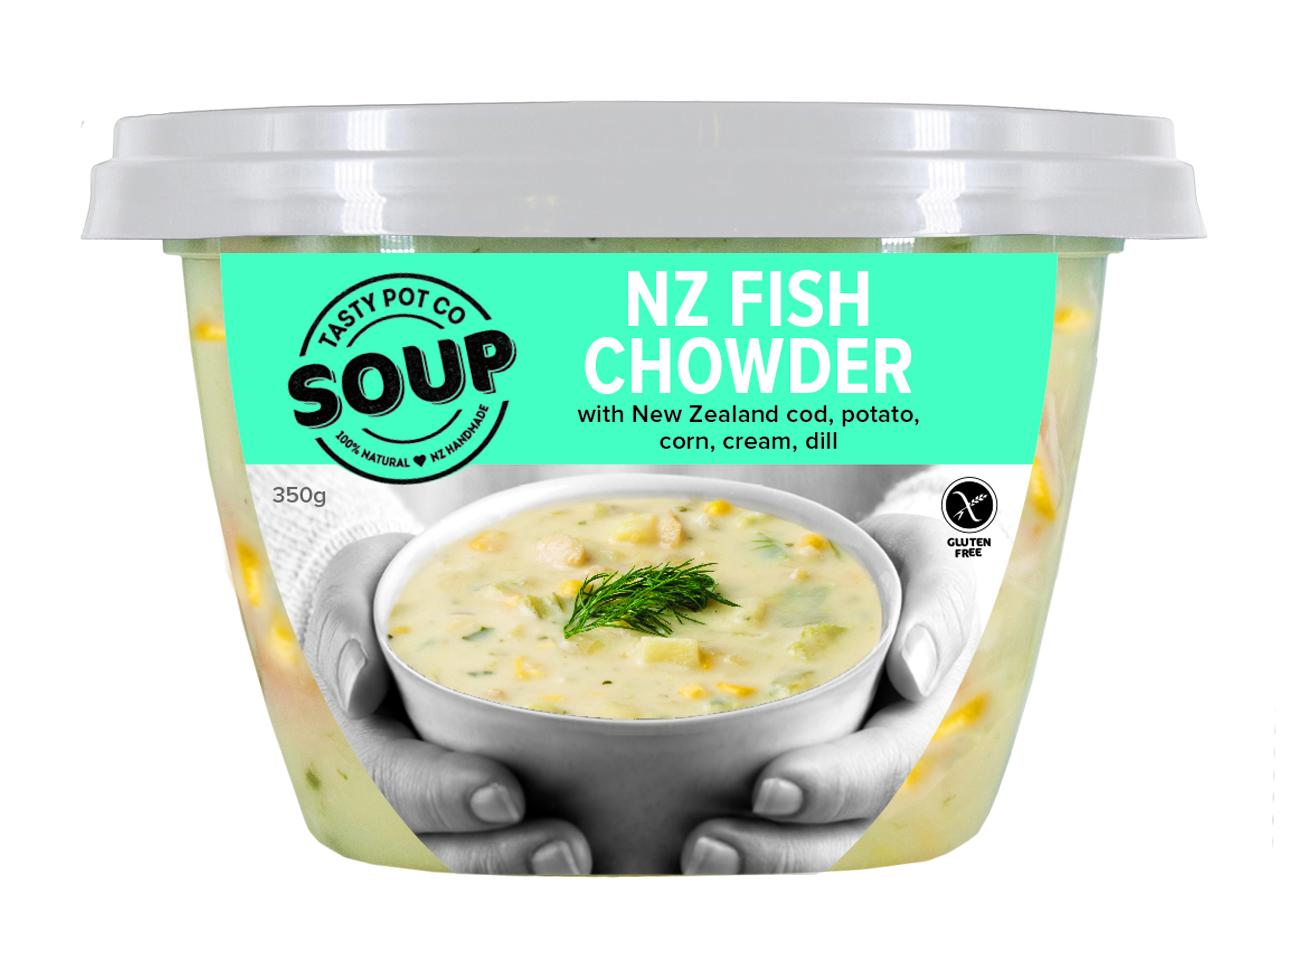 NZ FISH CHOWDER